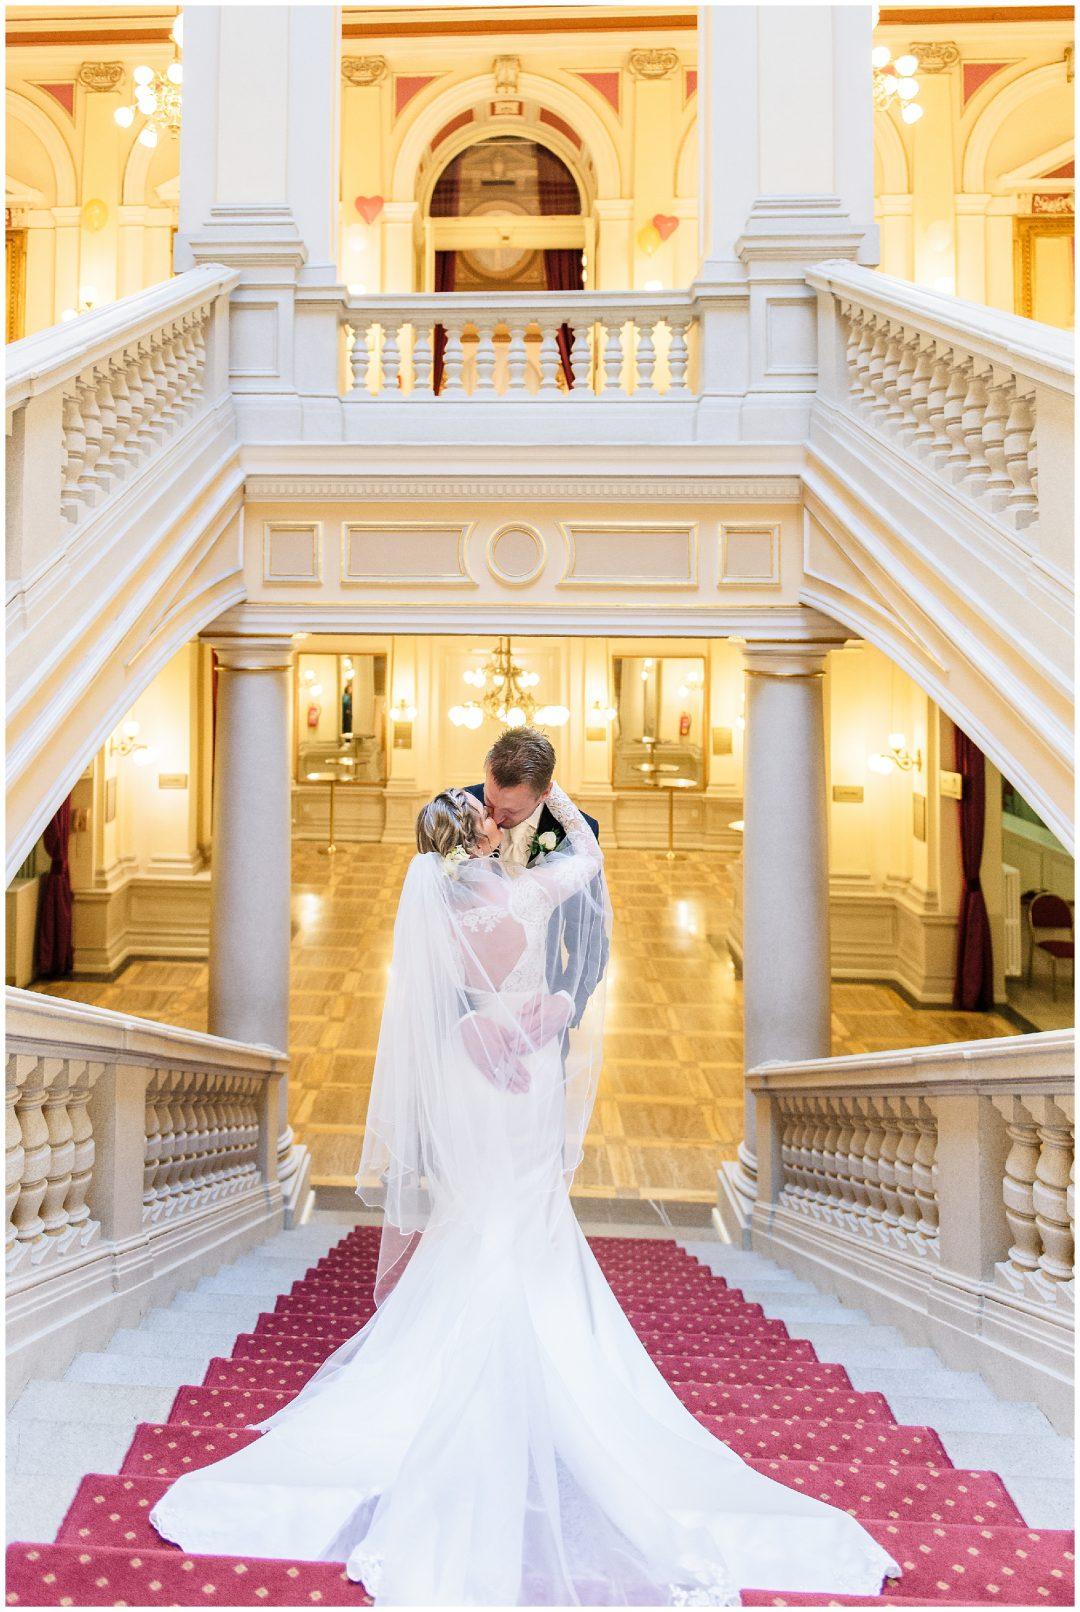 Destination Wedding in Prague | Pav and Steffen - weddings - Destination wedding Prague wedding Nkima Photography 0044